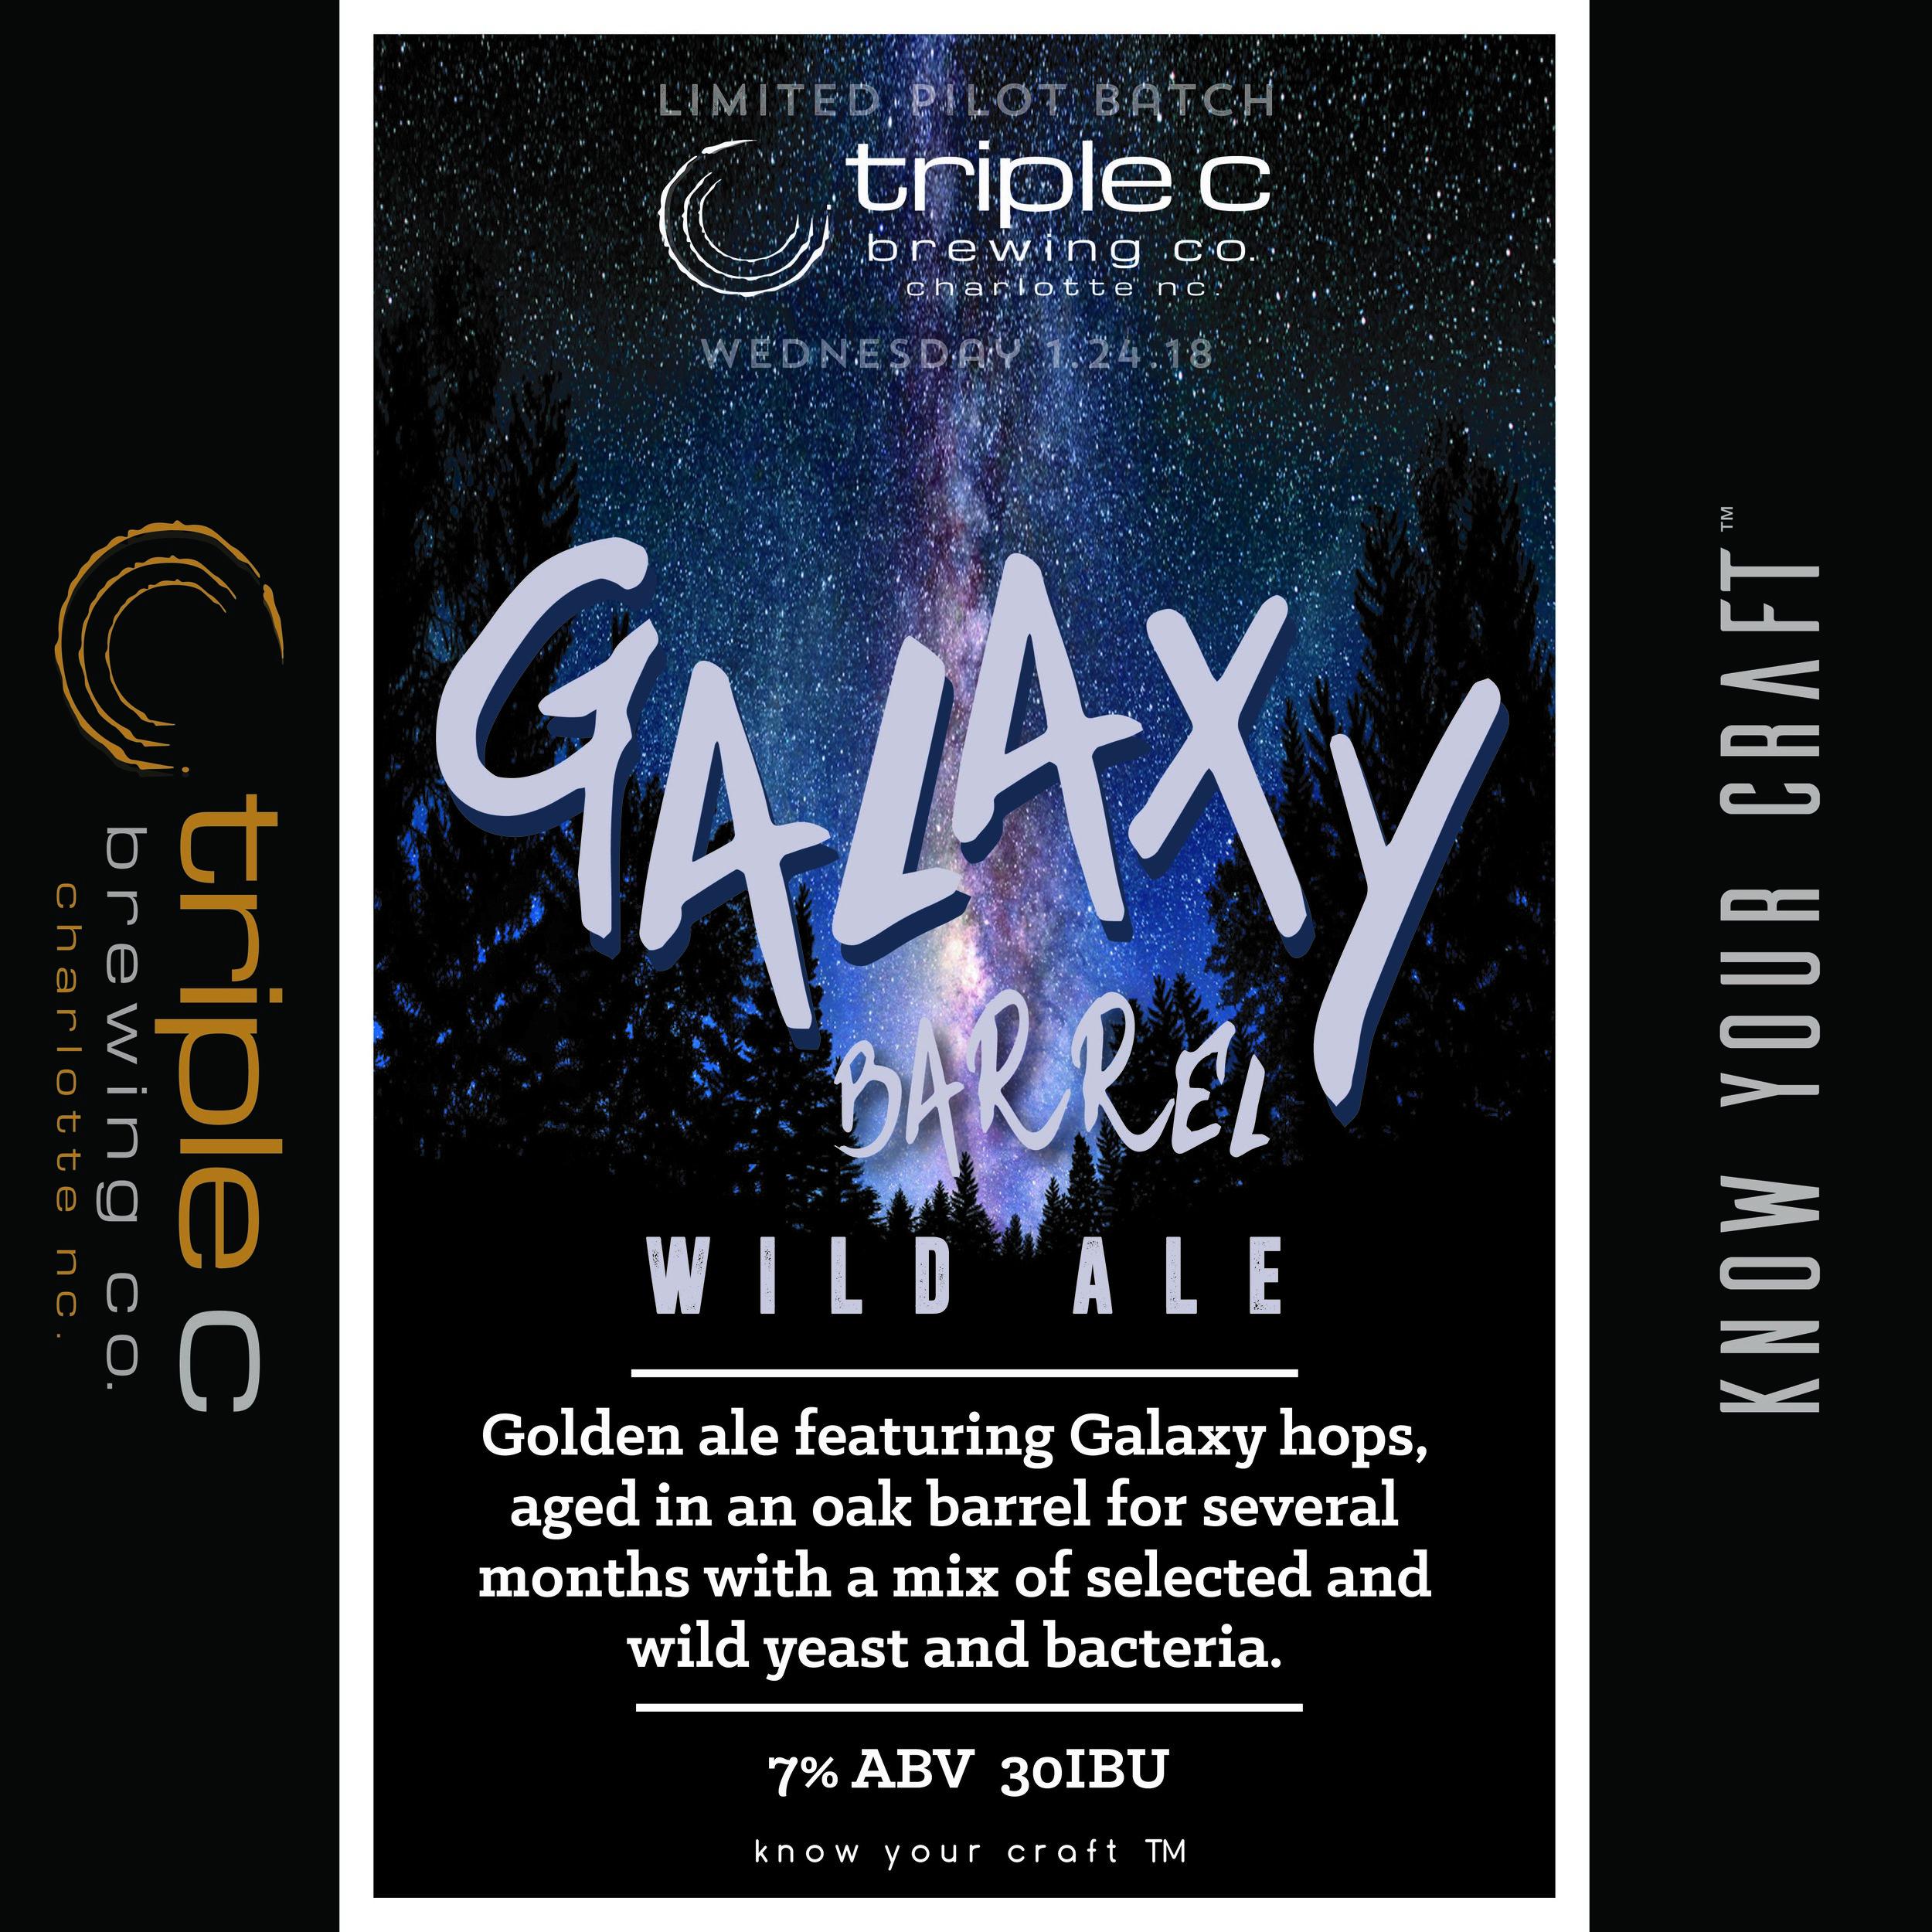 GalaxyBarrel_Media.jpg